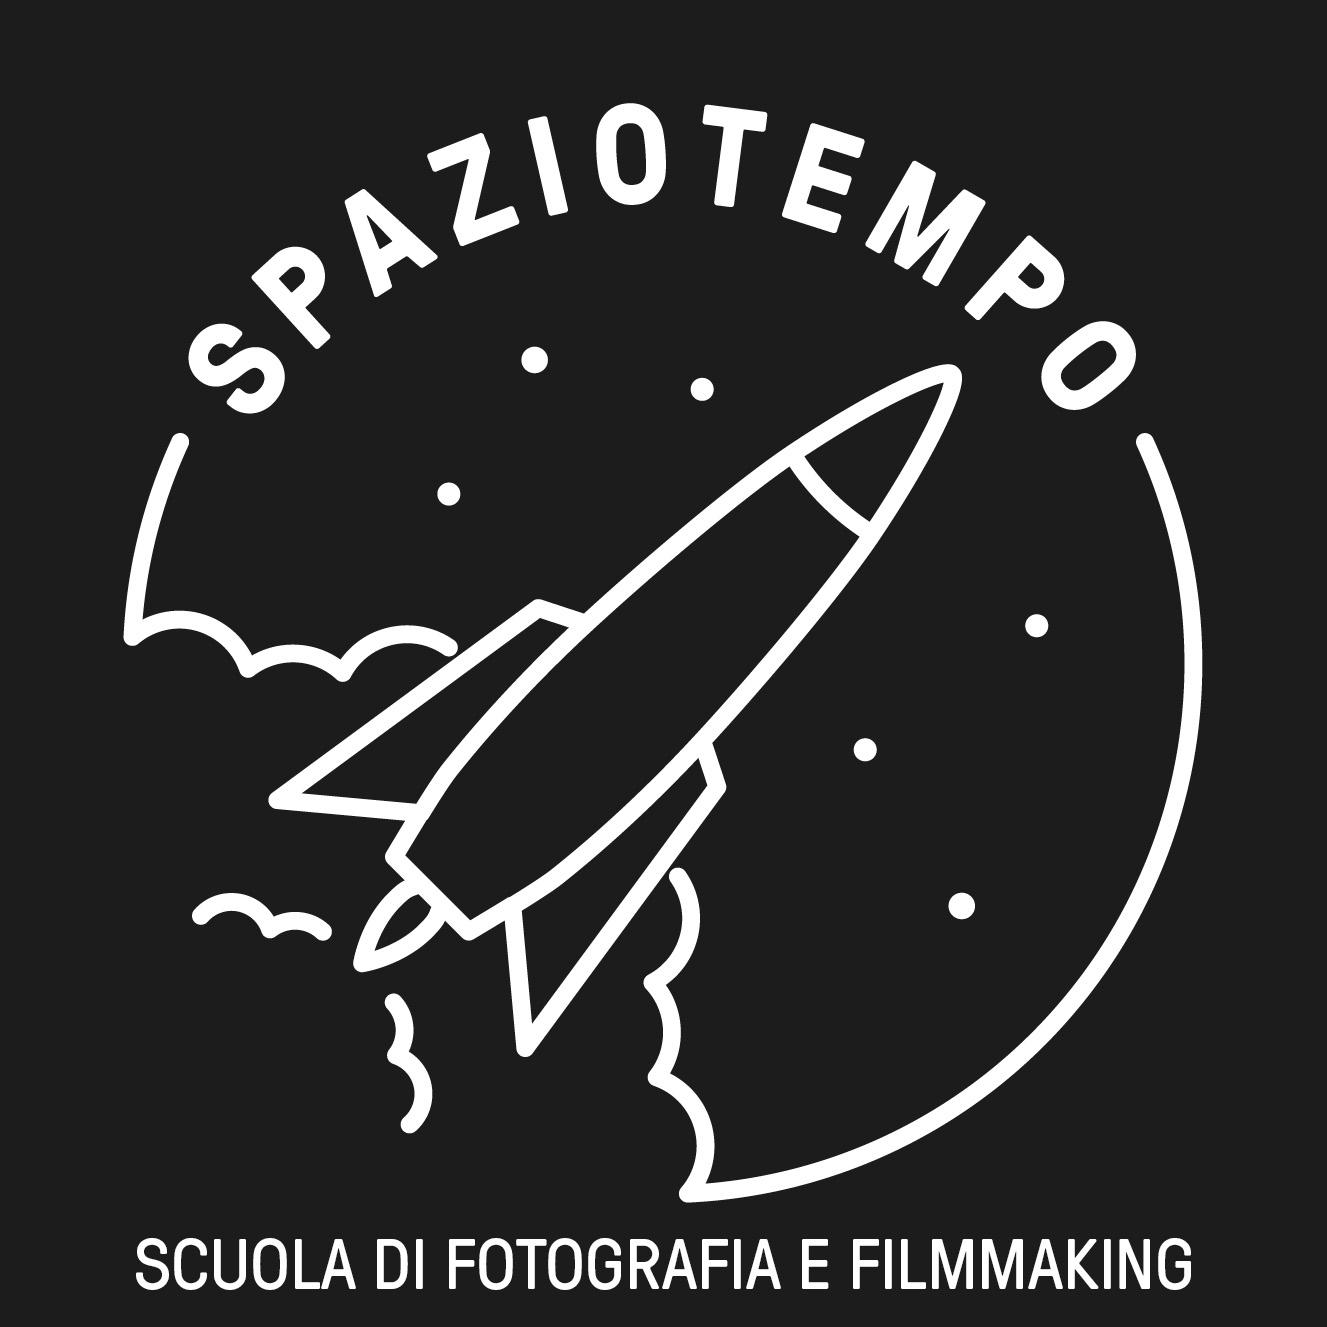 Spaziotempo | Scuola di Fotografia e Filmmaking